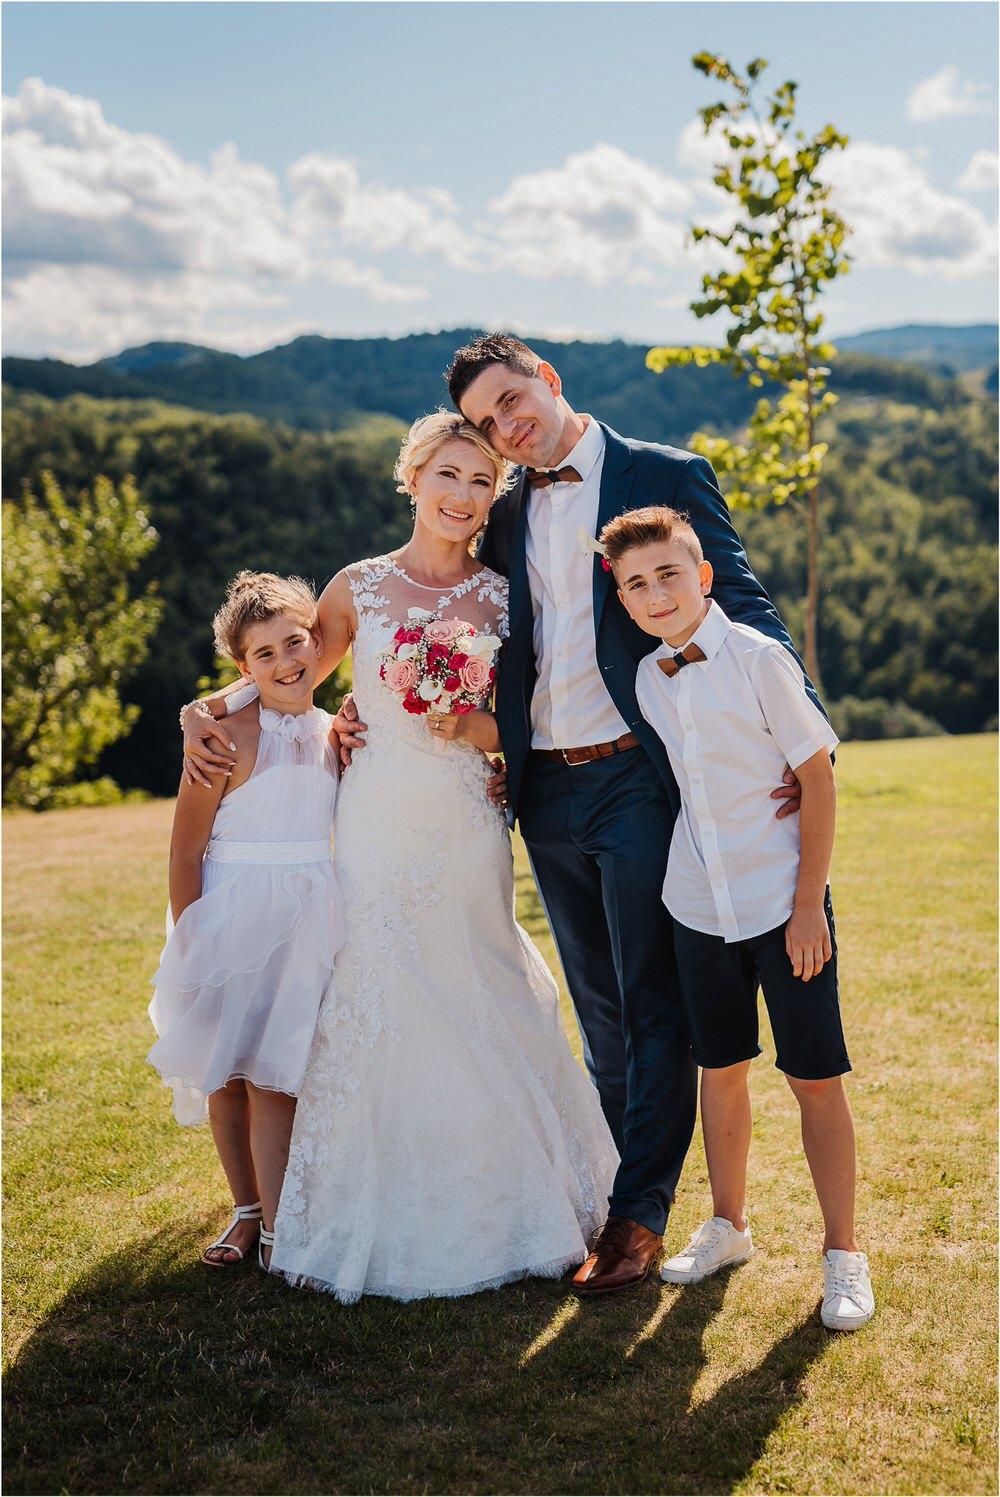 slovenia maribor wedding goriska brda poroka porocni fotograf slovenija porocno fotografiranje maribor ljubljana zemono svicarija 0044.jpg